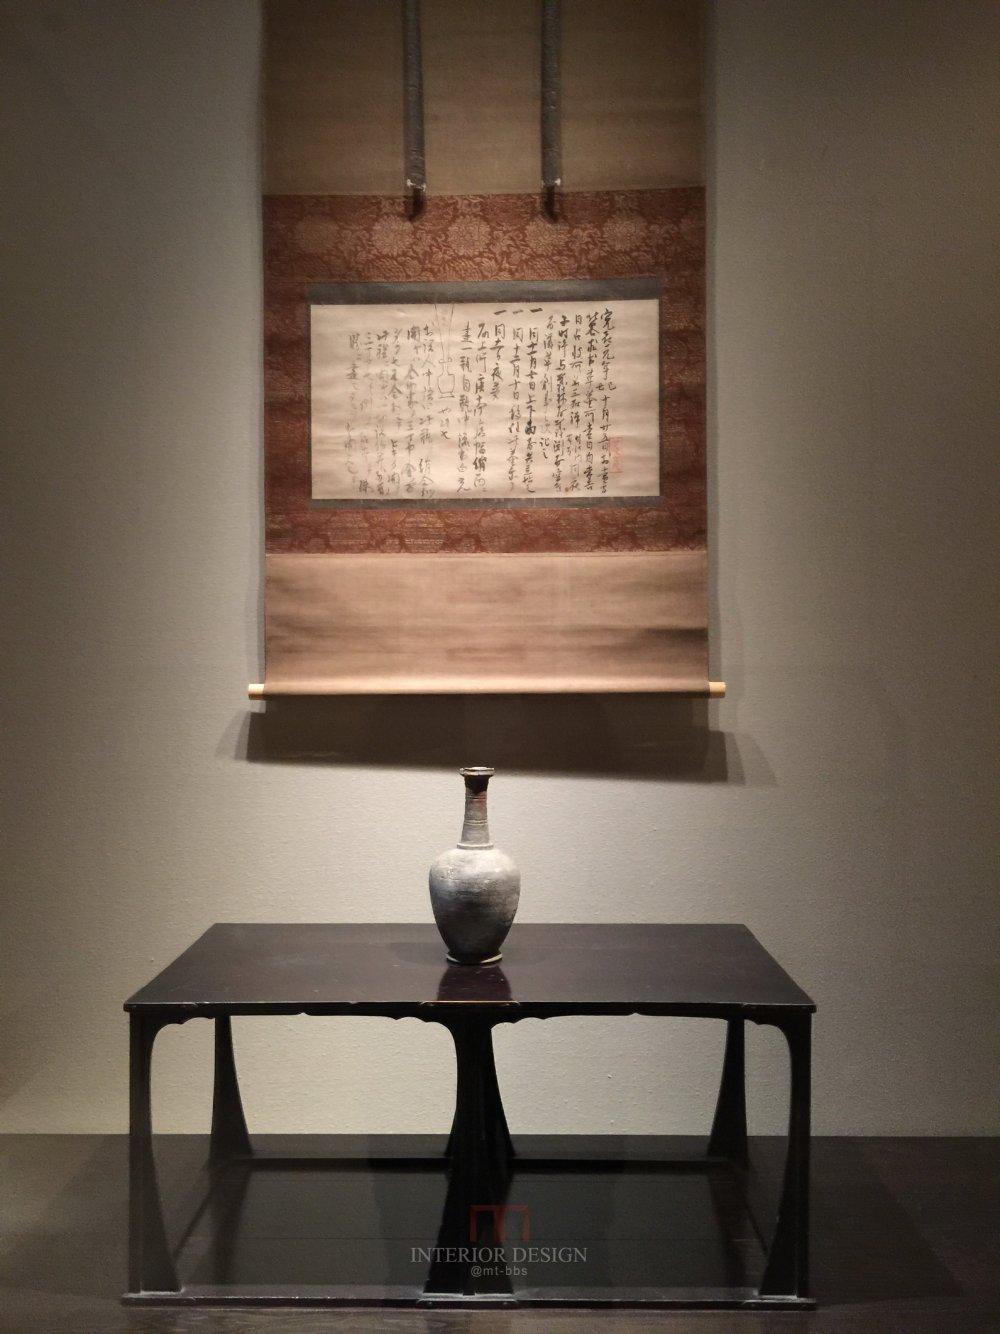 日本美秀美术馆MIHO MUSEUM自拍分享-贝聿铭_IMG_7292.JPG